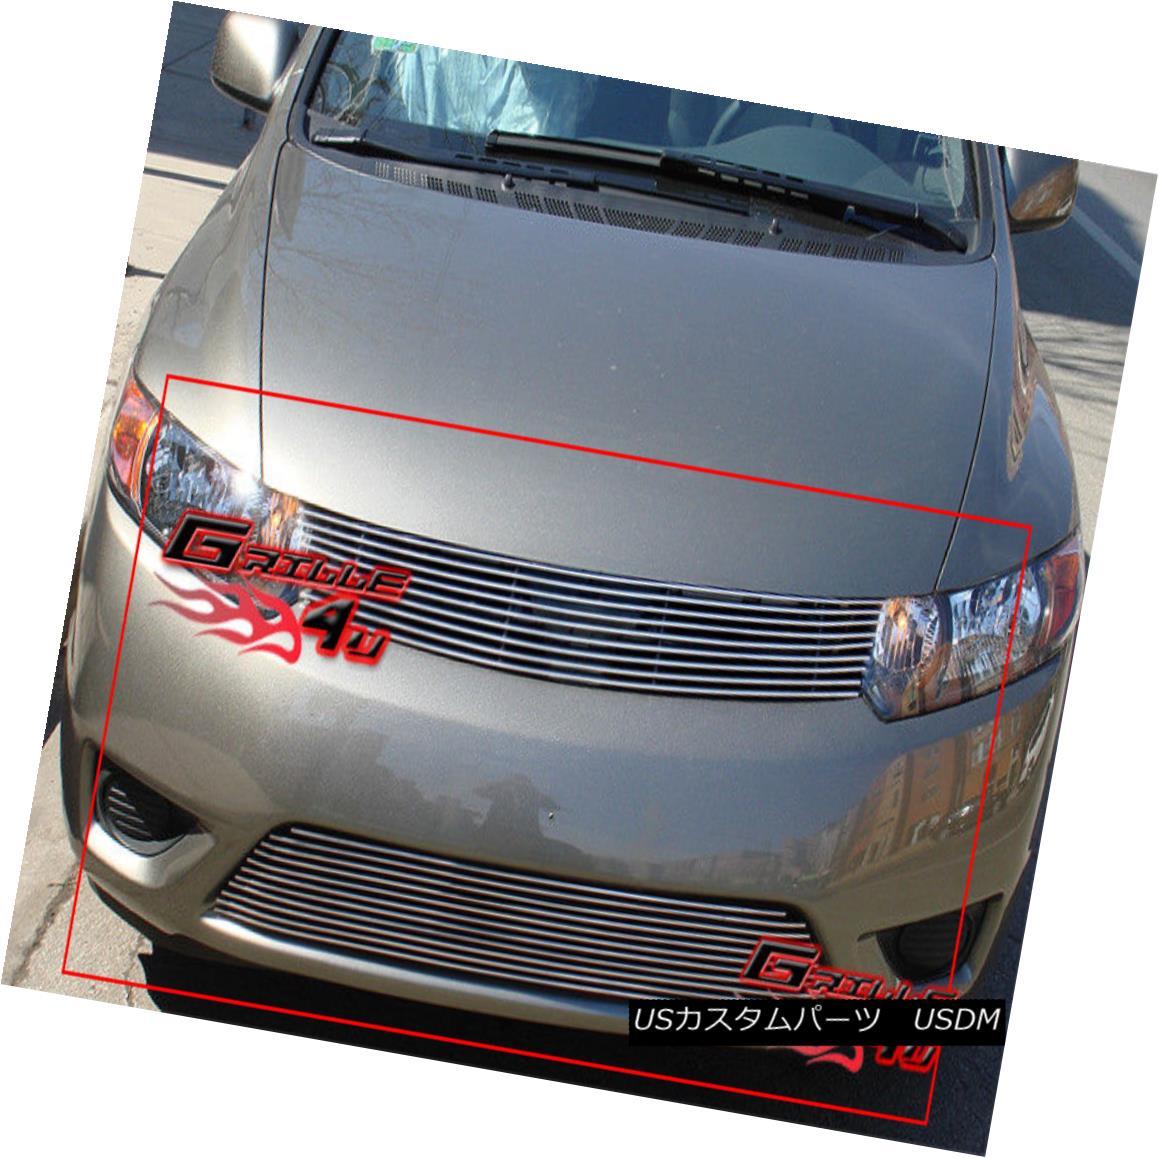 グリル For 06-08 Honda Civic 2 Door Coupe Billet Grille Combo 06-08ホンダシビック2ドアクーペビレットグリルコンボ用